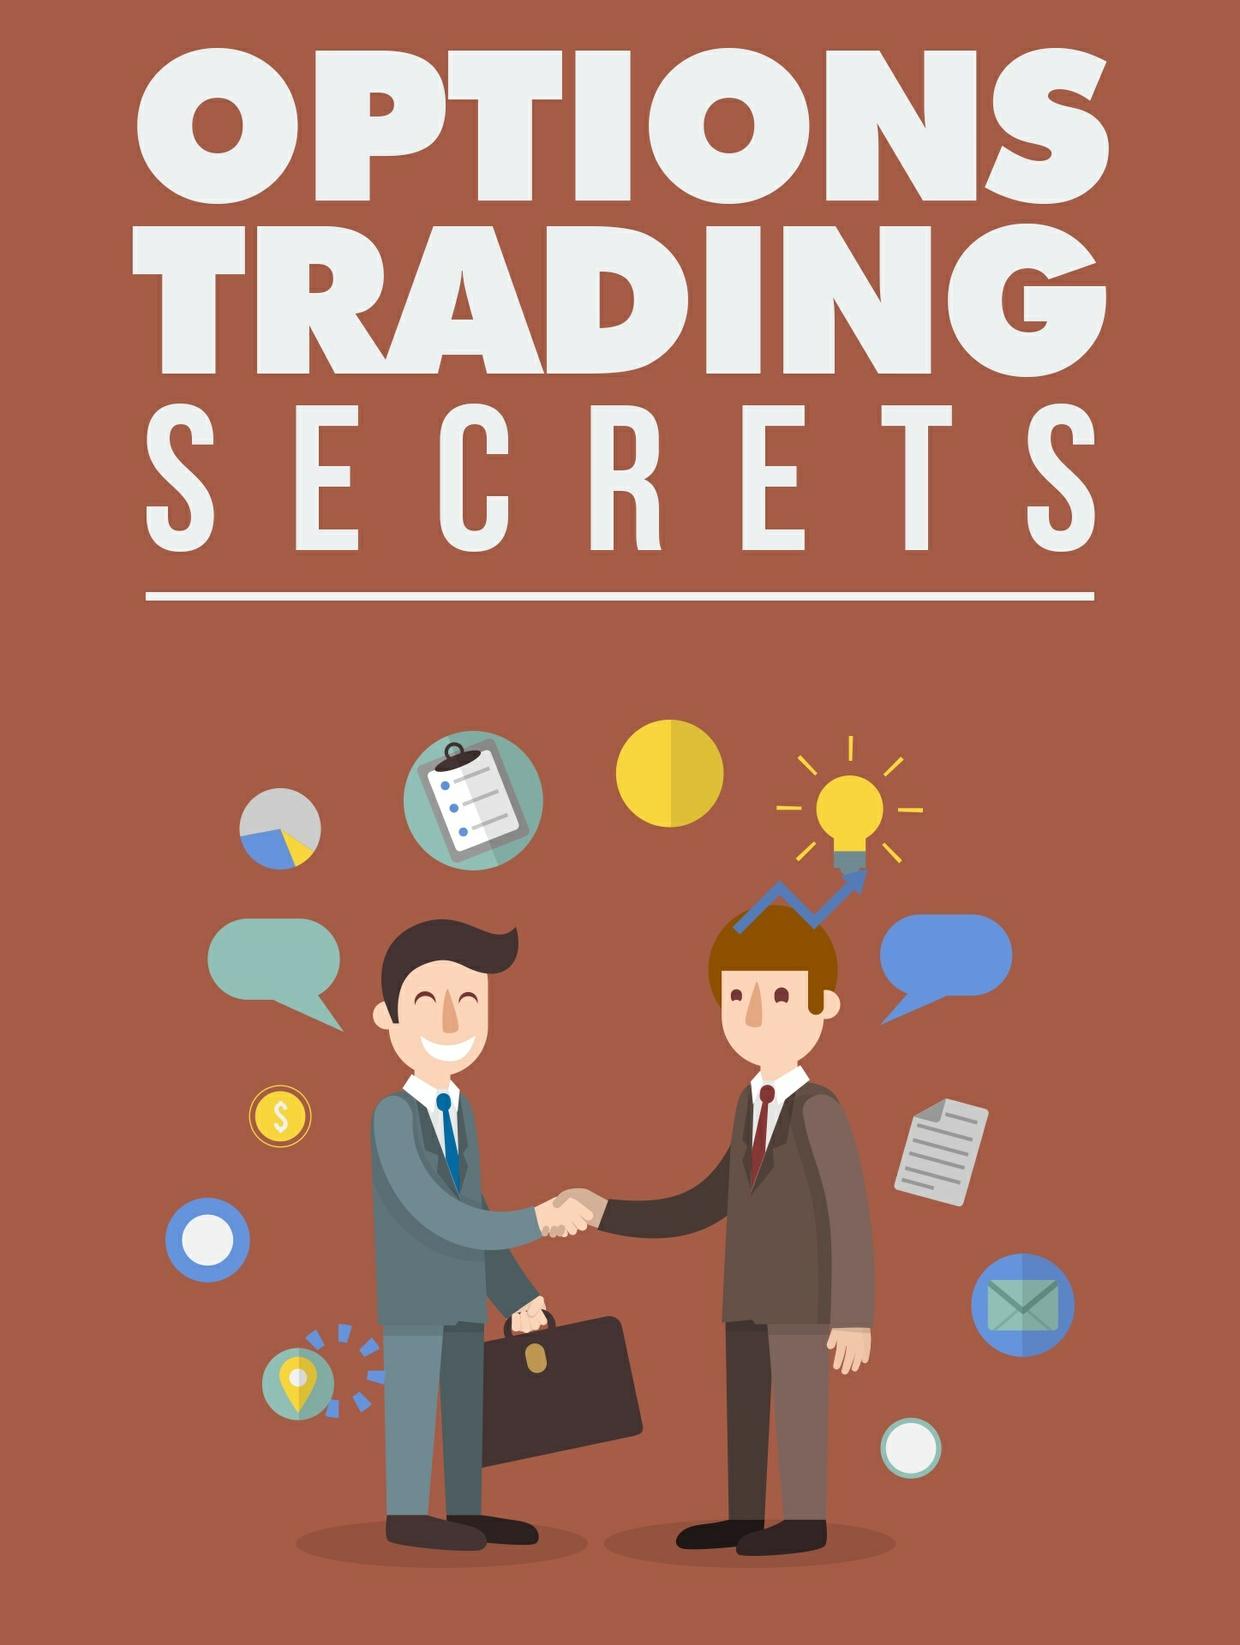 Options secrets trading manual